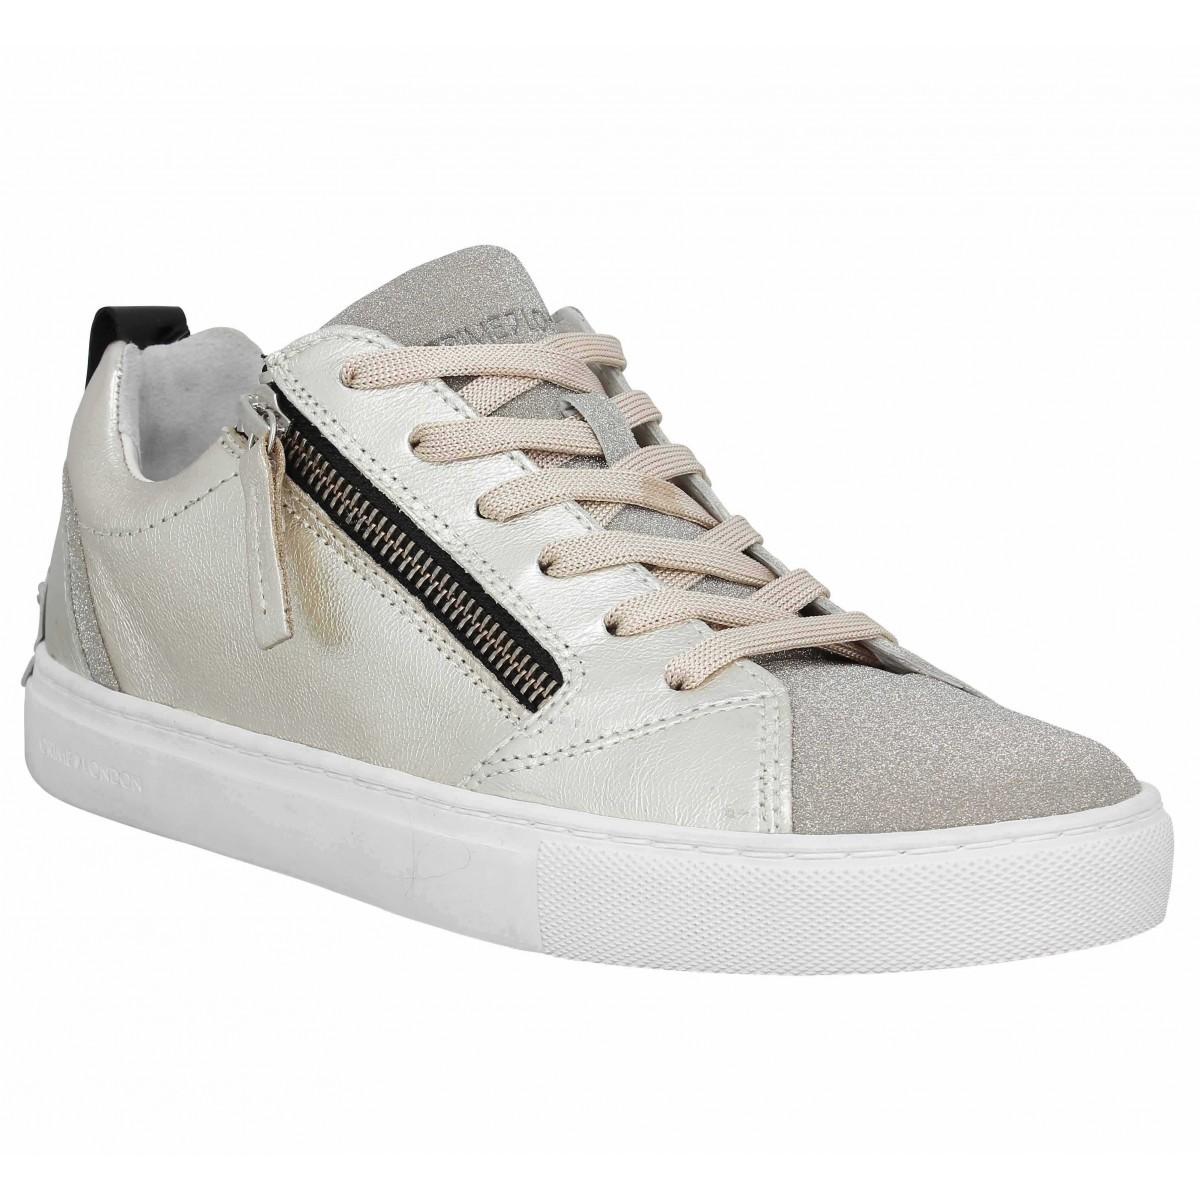 39 EU Chaussures Crime noires femme  Sneakers Basses Femme Asfvlt Area Mid X2eVm2Y81